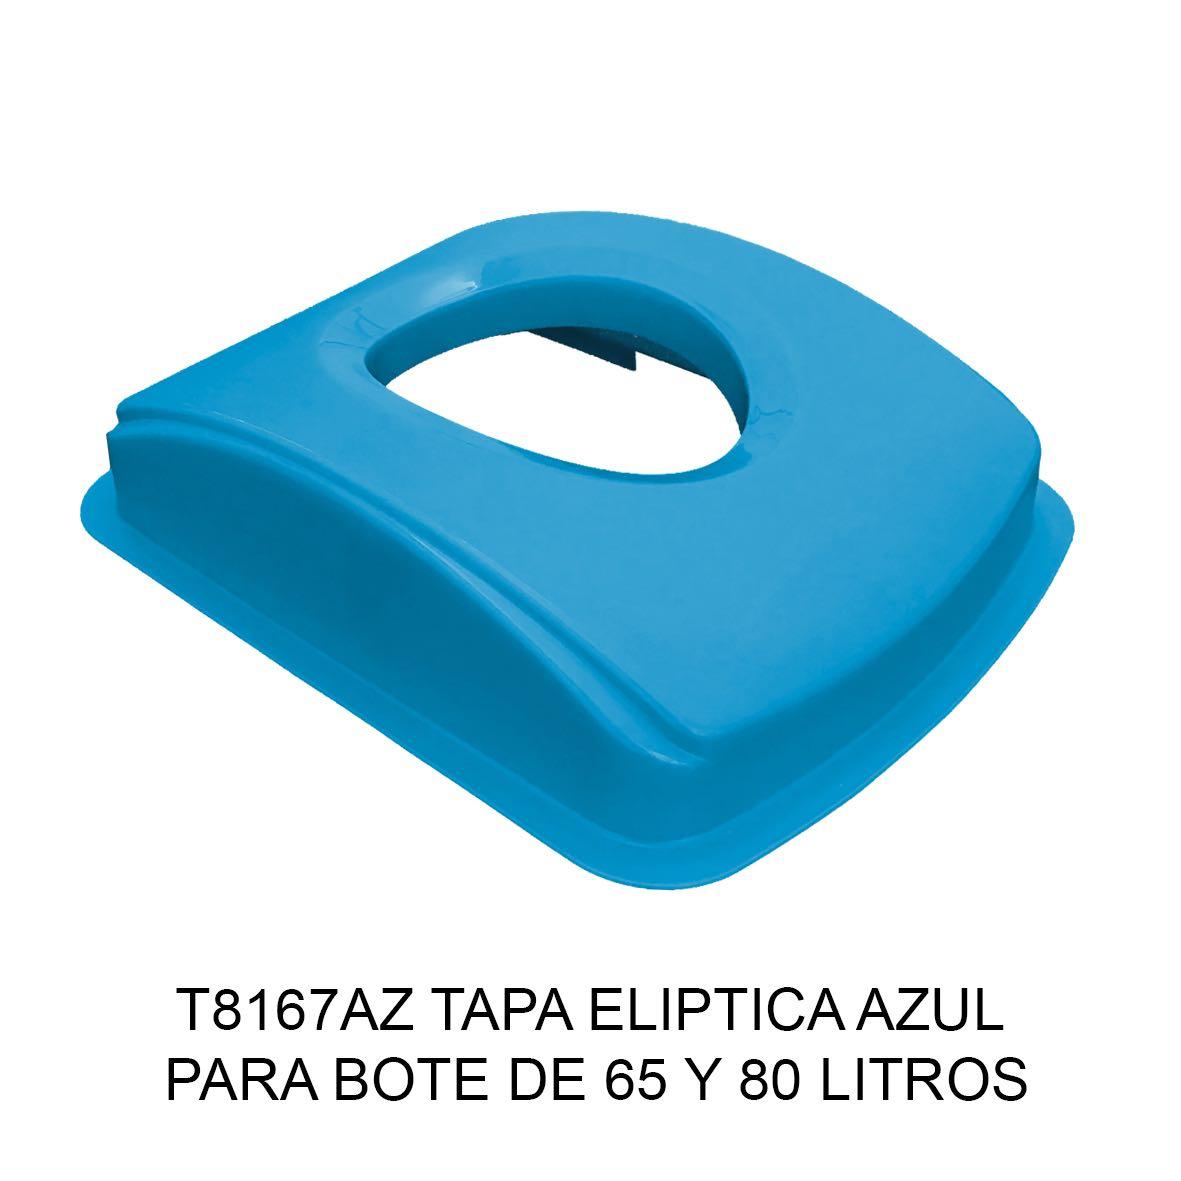 Tapa elíptica para bote de basura color azul para botes de 65 y 80 litros Modelo T8167AZ de Sablón